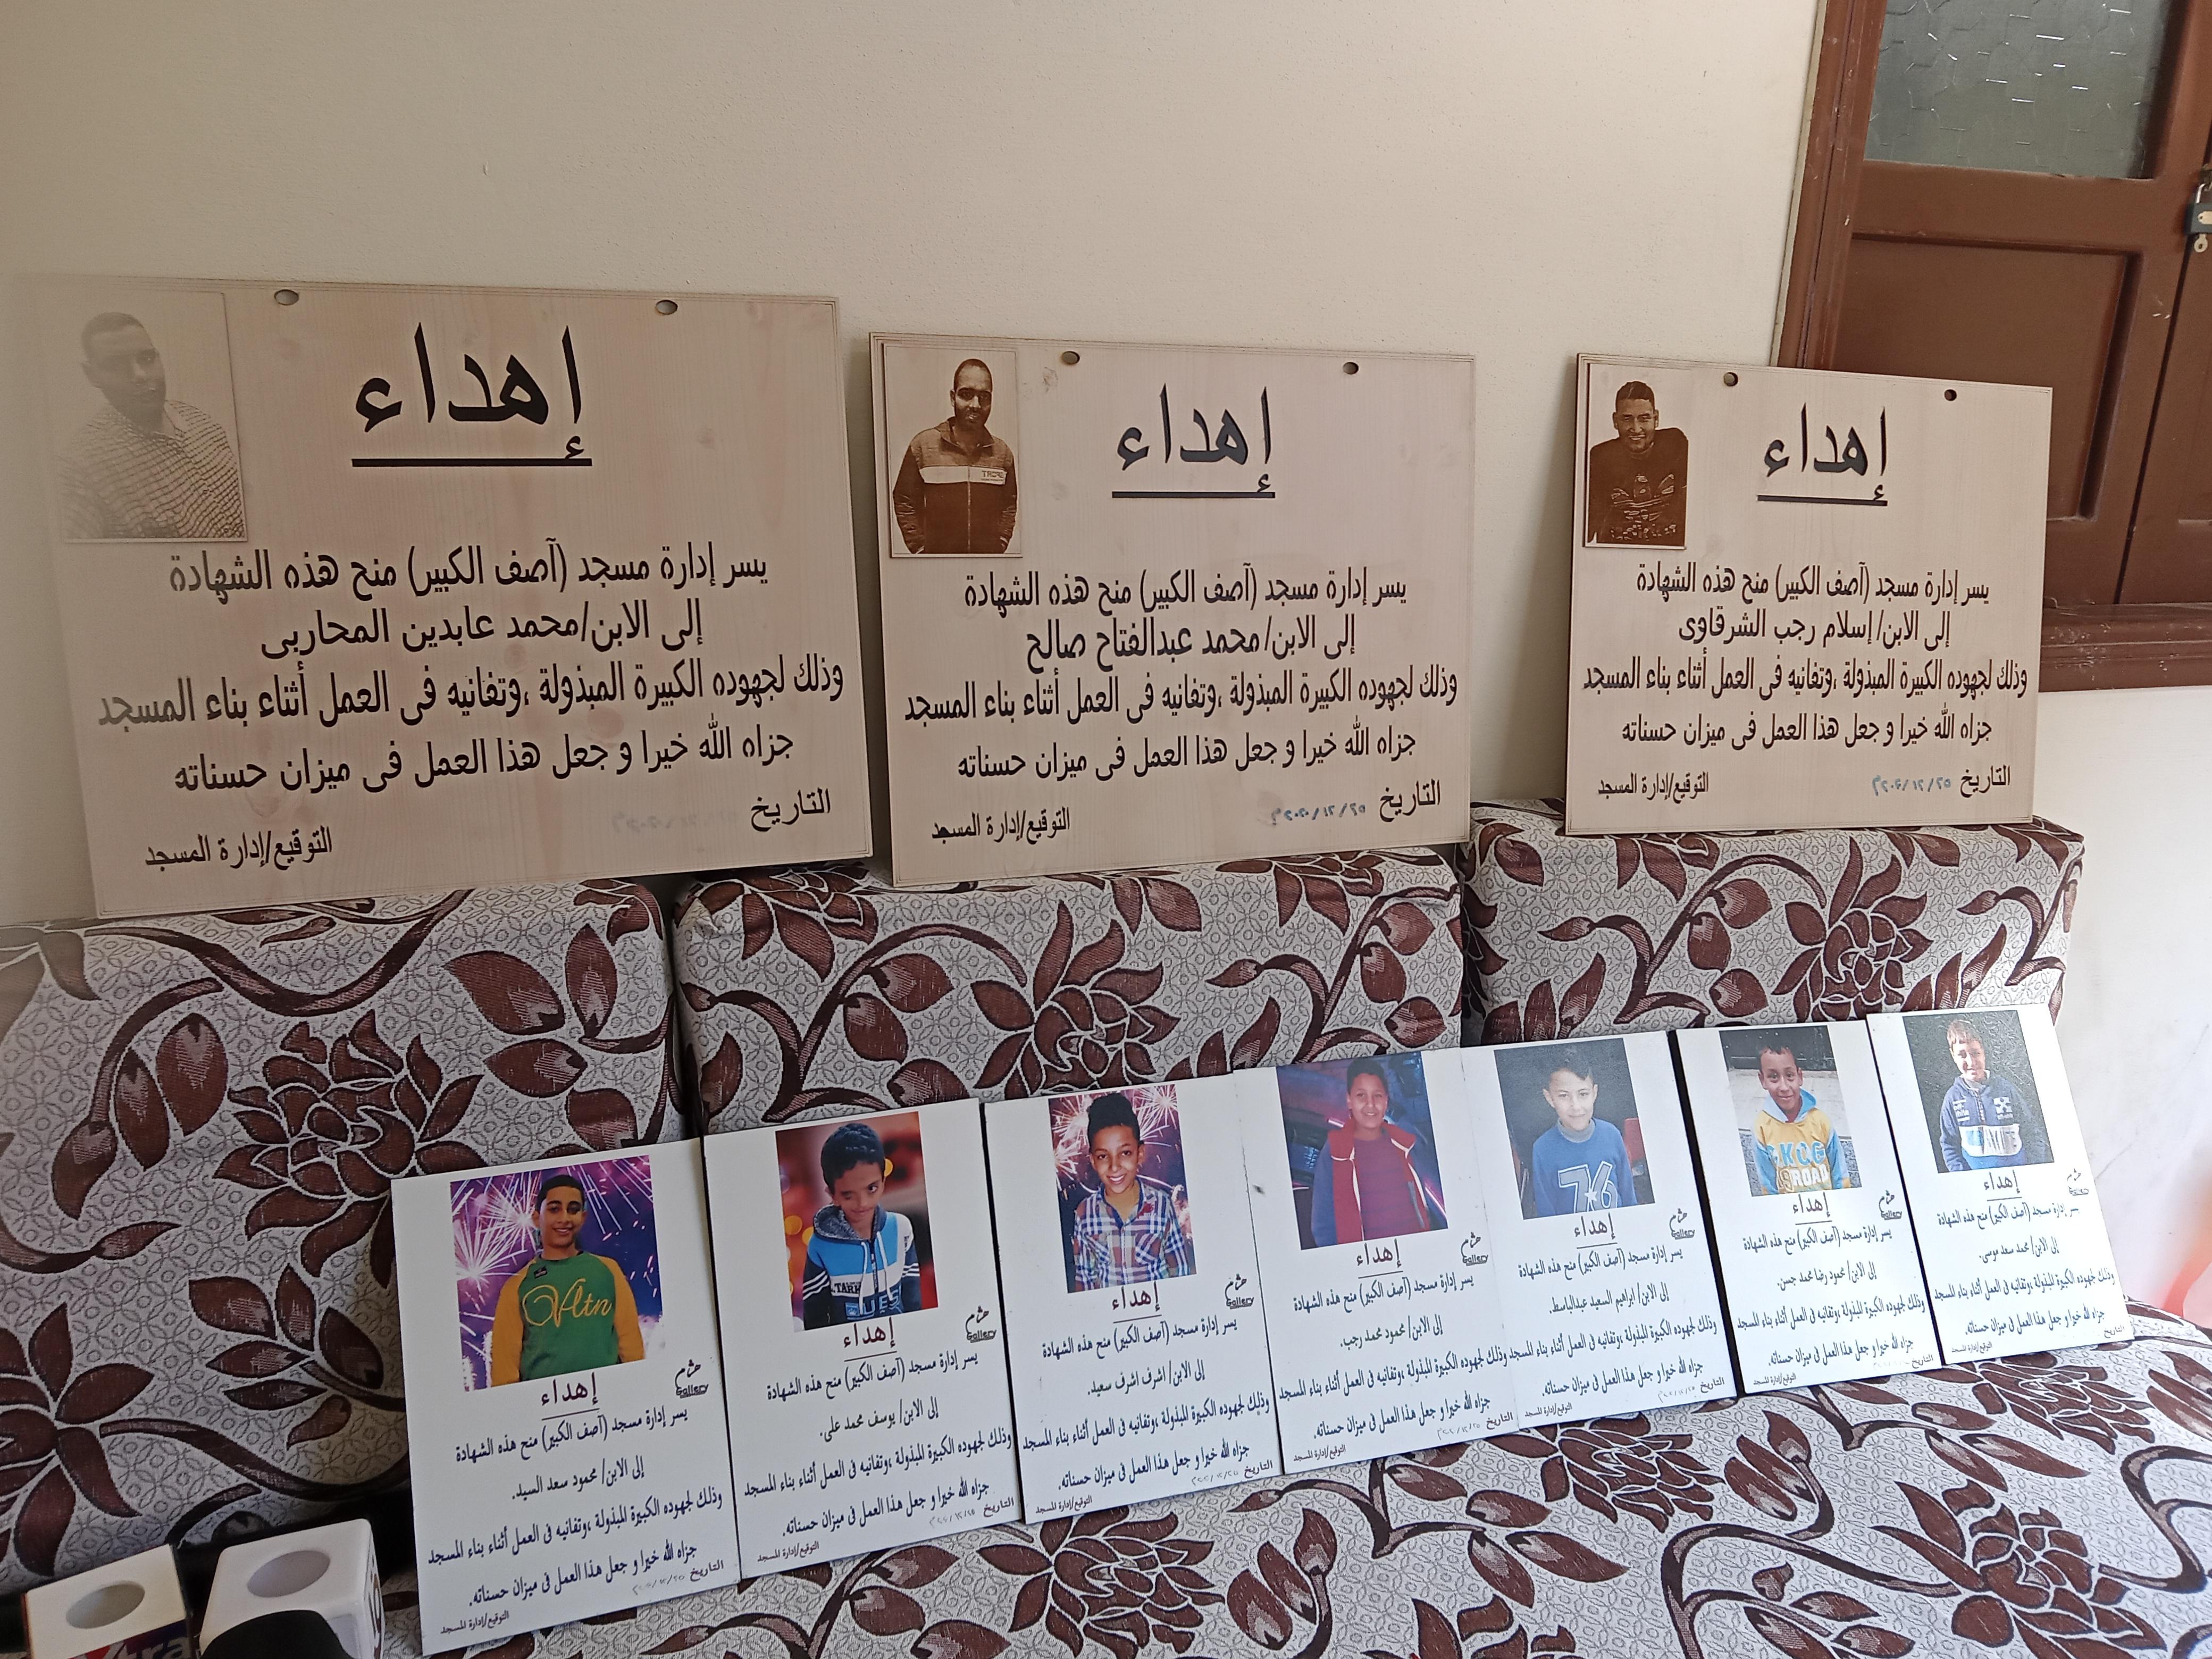 لوحات تكريم الاطفال المشاركين فيب بناء مسجد آصف بكفر الشيخ